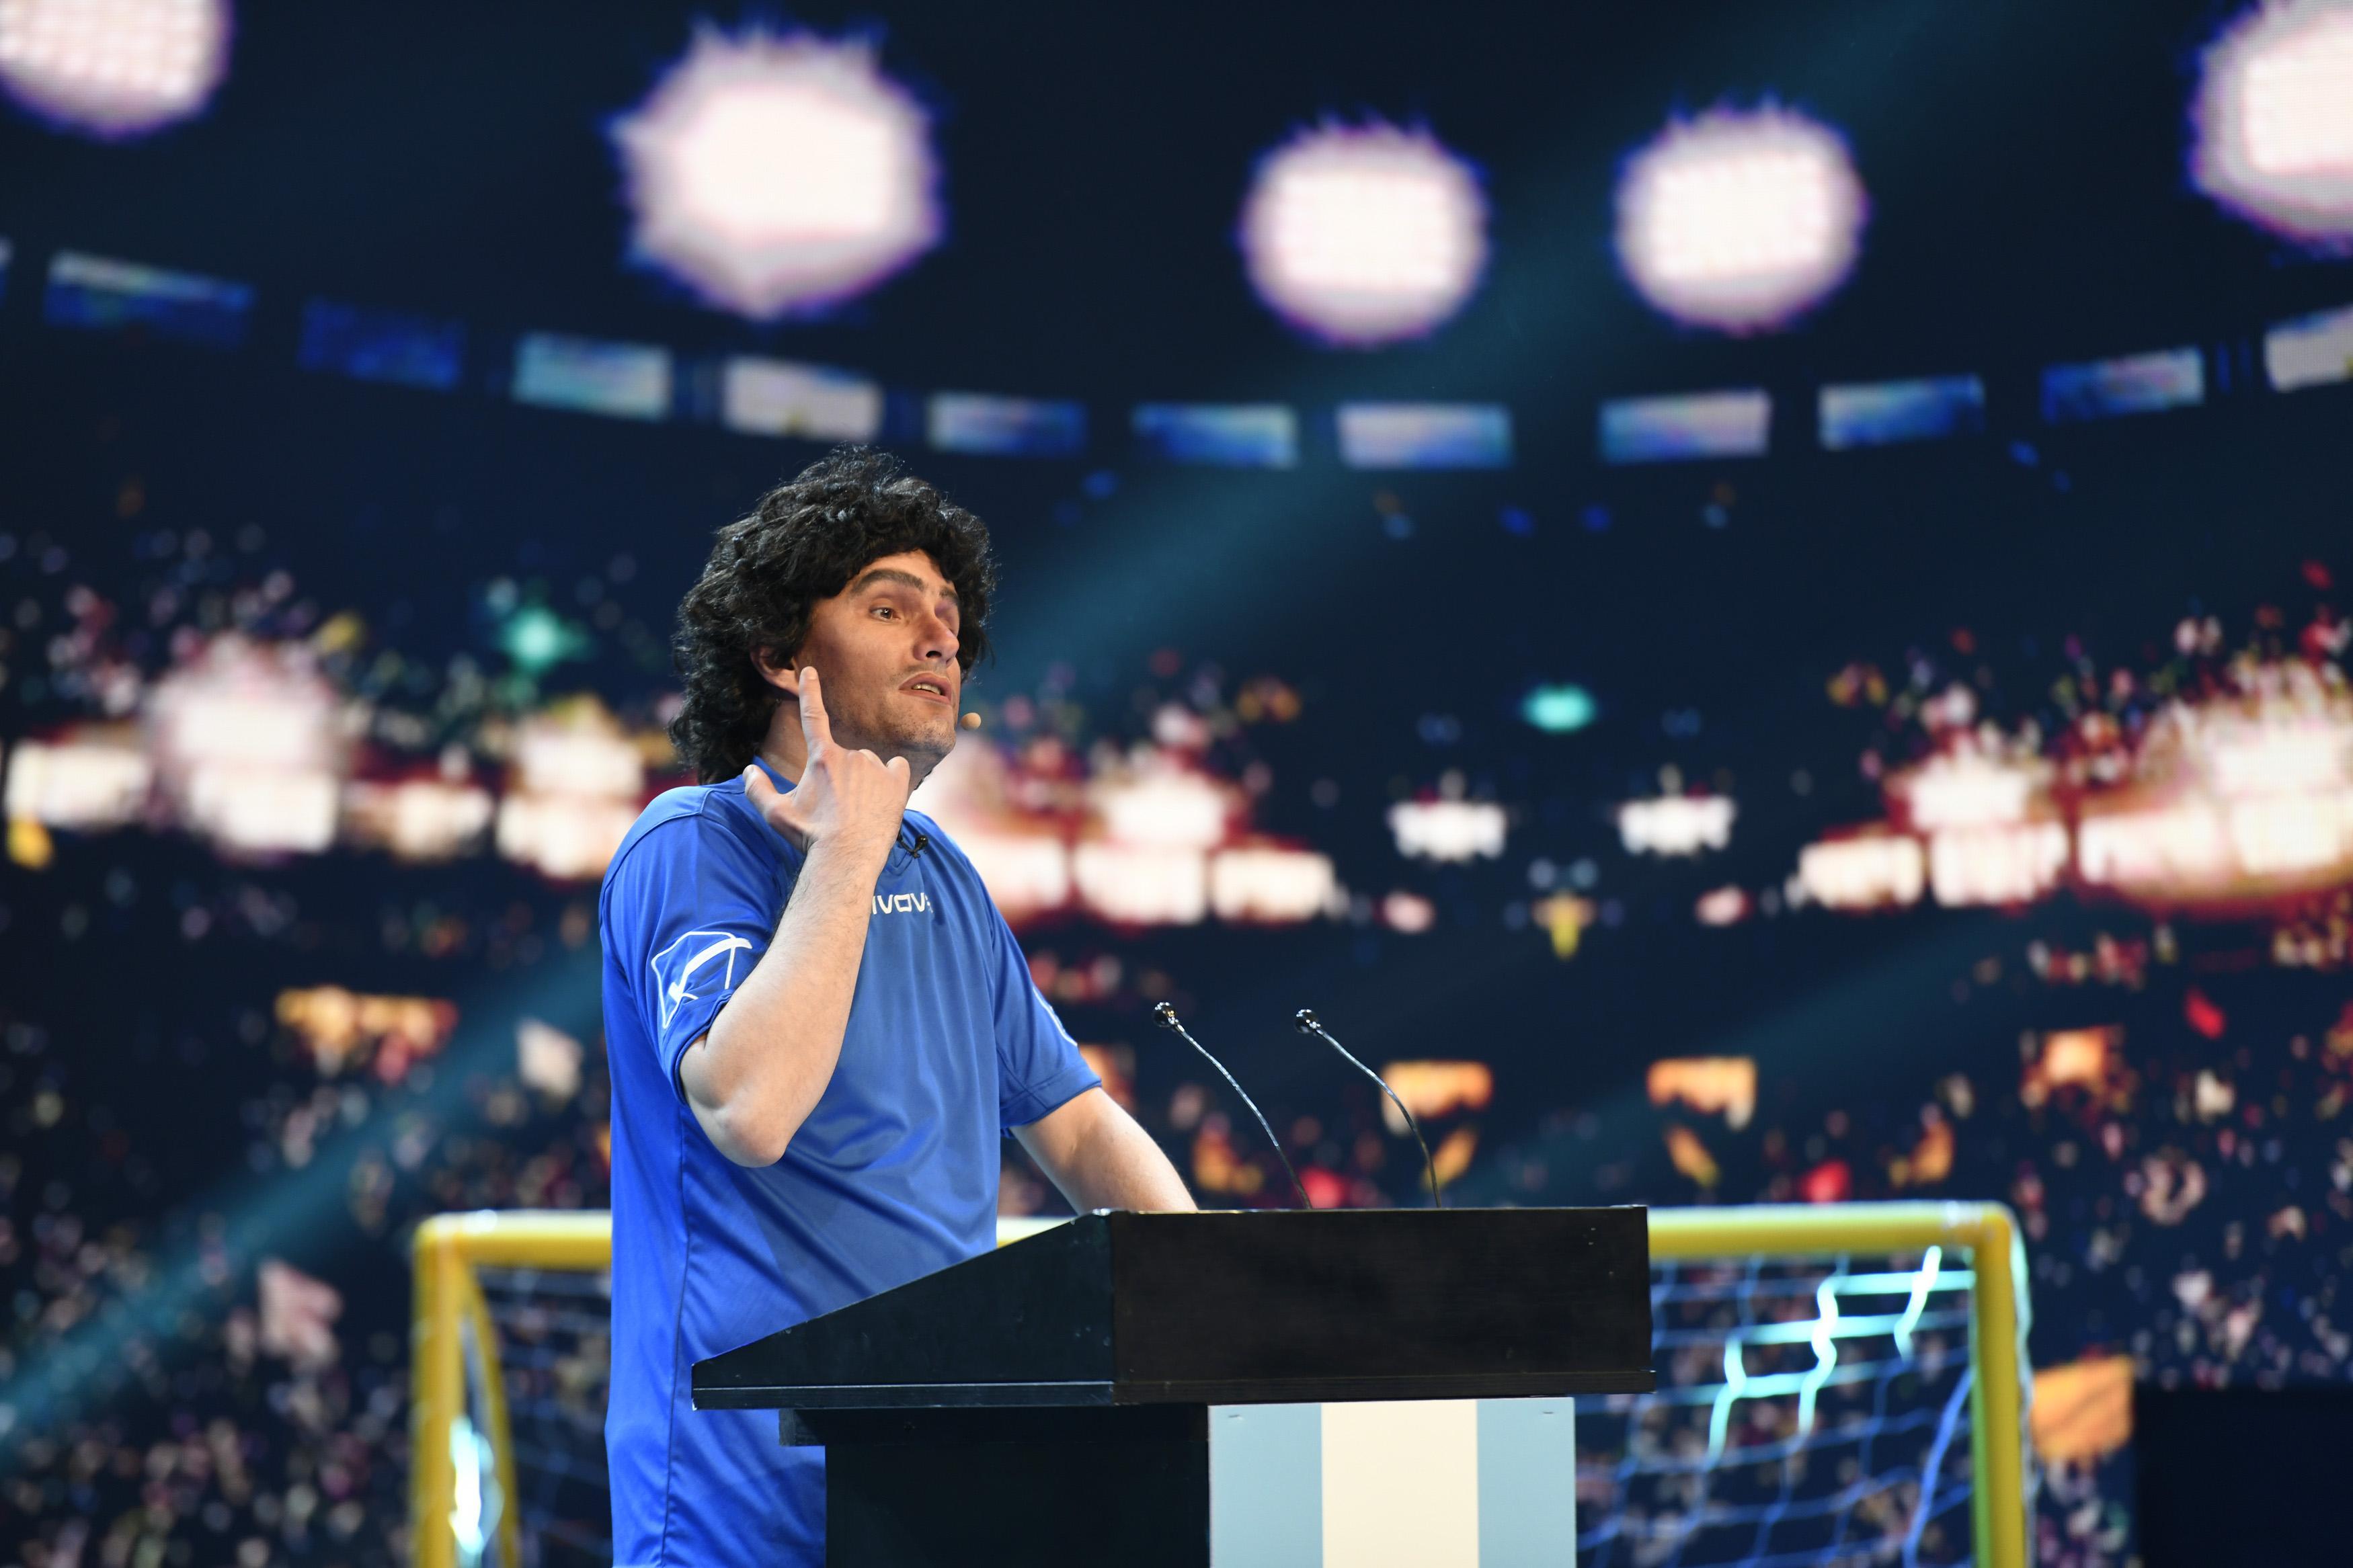 iUmor, 10 martie 2021. Roast istoric la iUmor. Maradona ia la roast lumea fotbalului, dar nu îi uită nici pe jurați